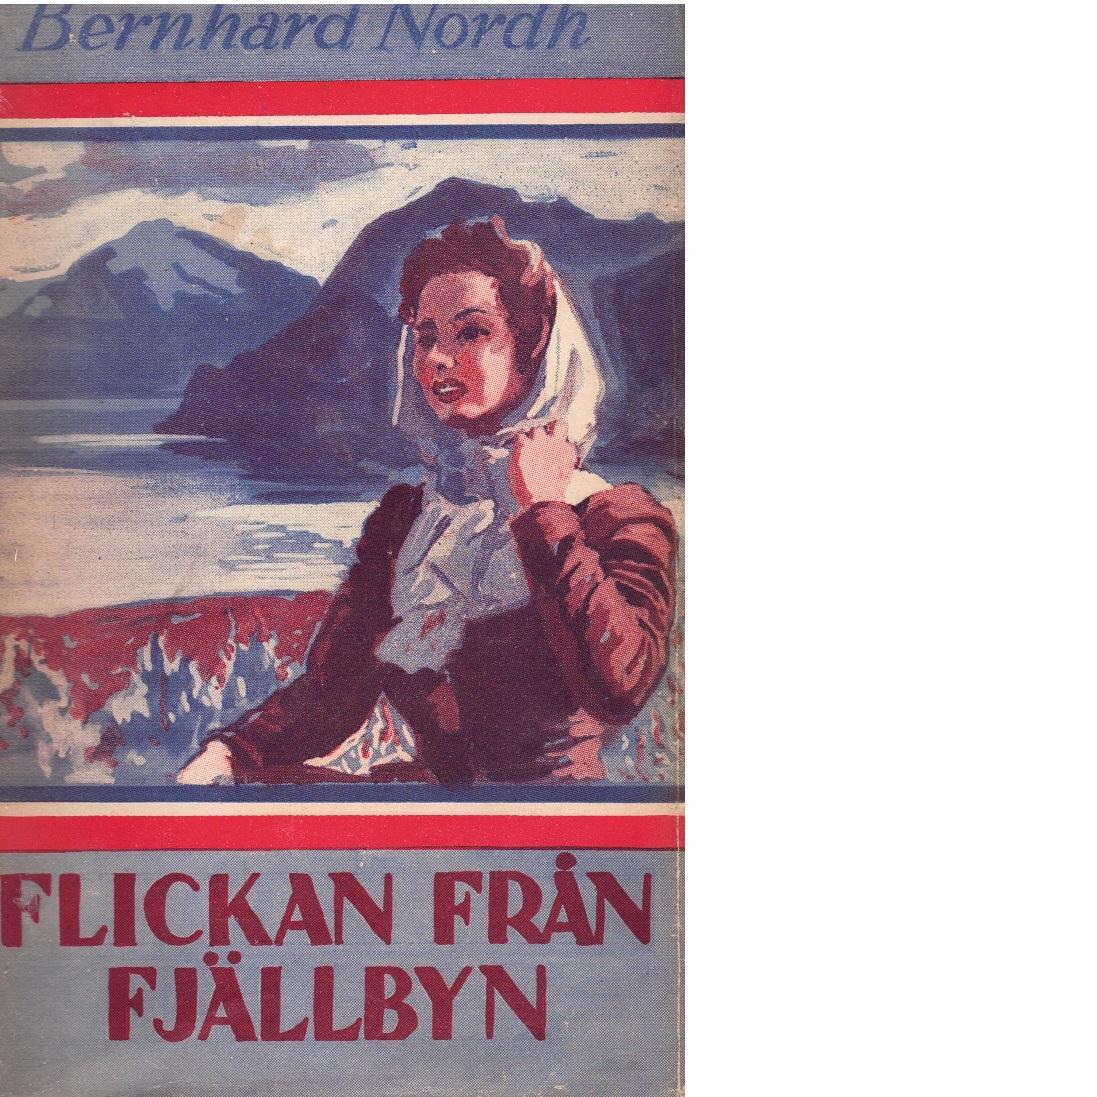 Flickan från fjällbyn - Nordh, Bernhard